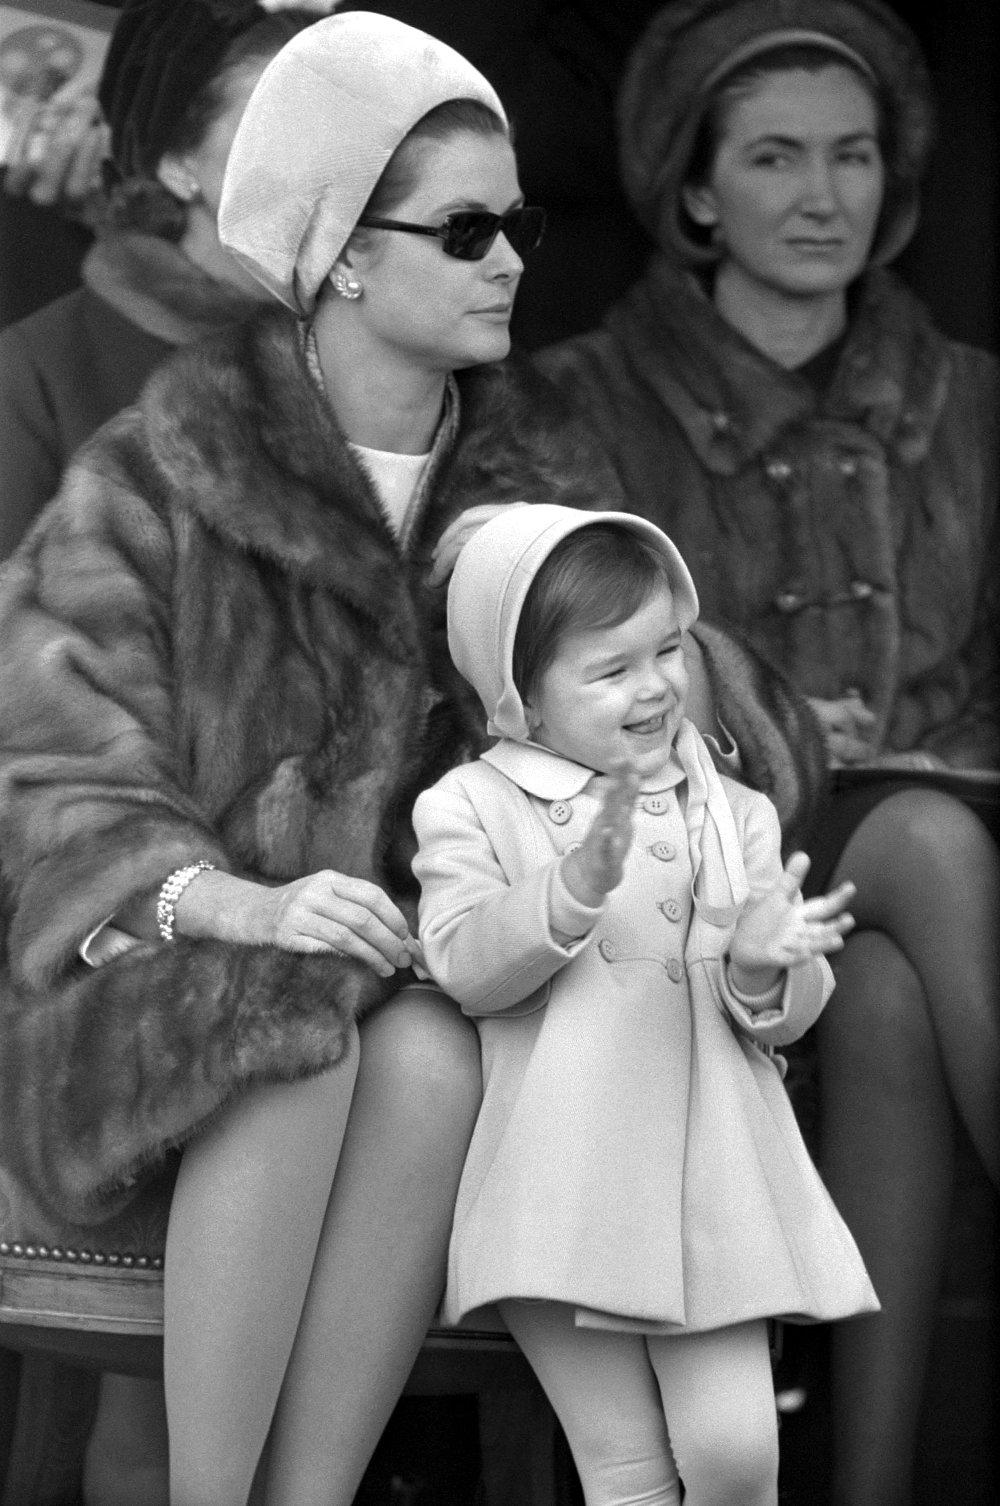 Η Γκρέις Κέλι με την μικρή της κόρη Στεφανί σε δημόσια εμφάνισή της στο Μονακό